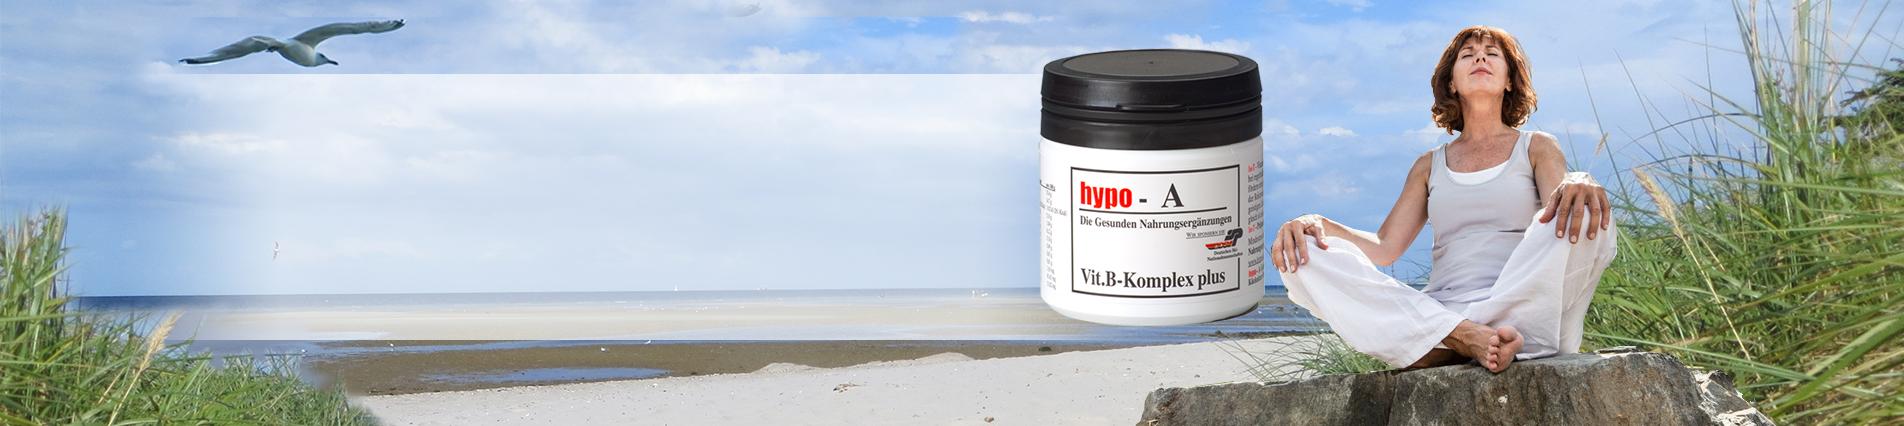 Vitamin B-Komplex für Ihr hormonolles Gleichgewicht